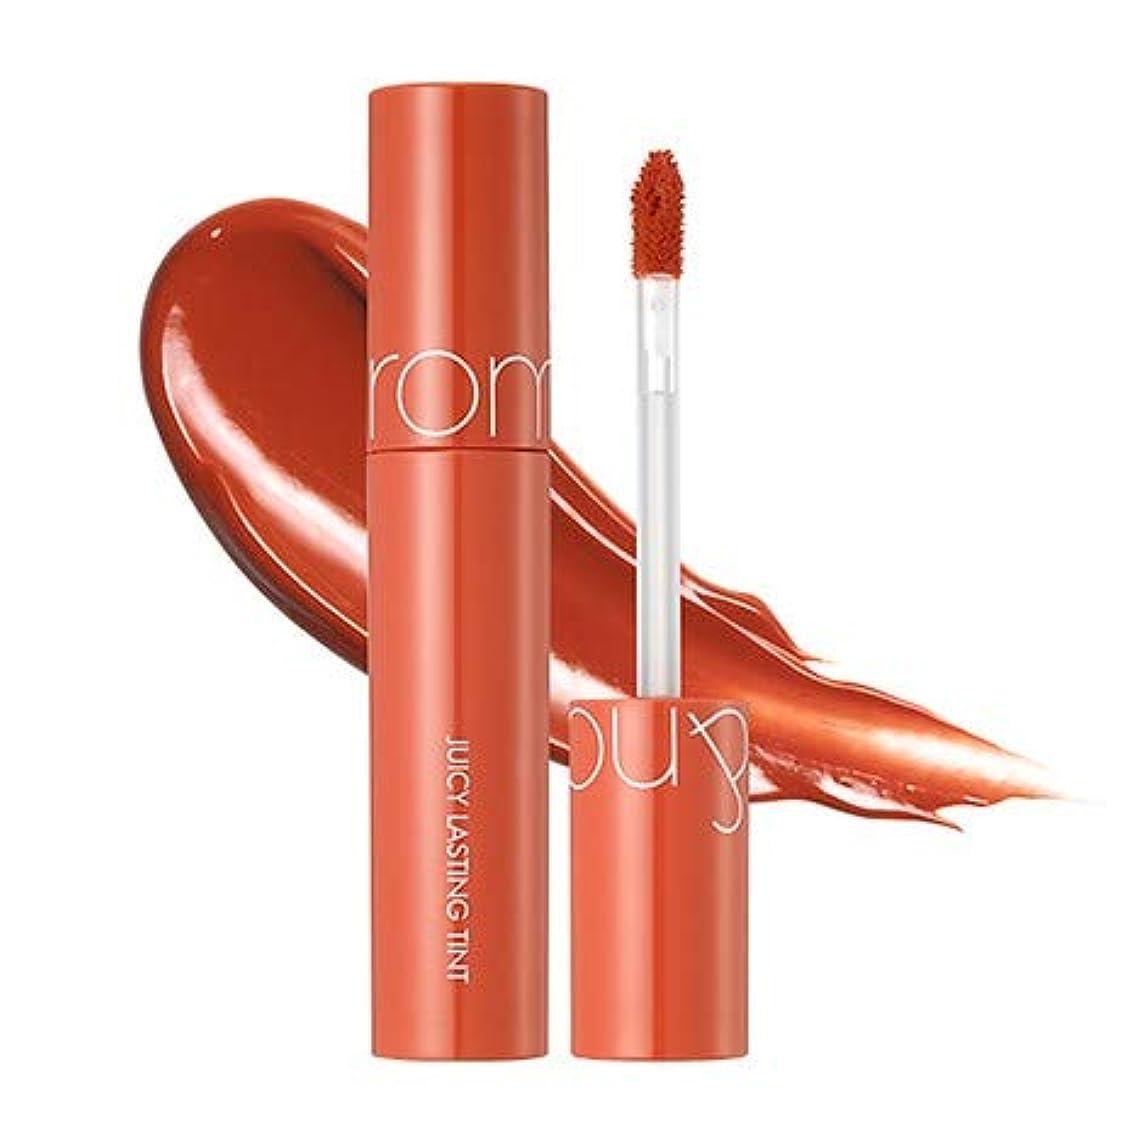 にぎやかアテンダント手術ローム?アンド?ジューシーラスティングティントリップティント韓国コスメ、Rom&nd Juicy Lasting Tint Lip Tint Korean Cosmetics [並行輸入品] (No.8 apple brown)